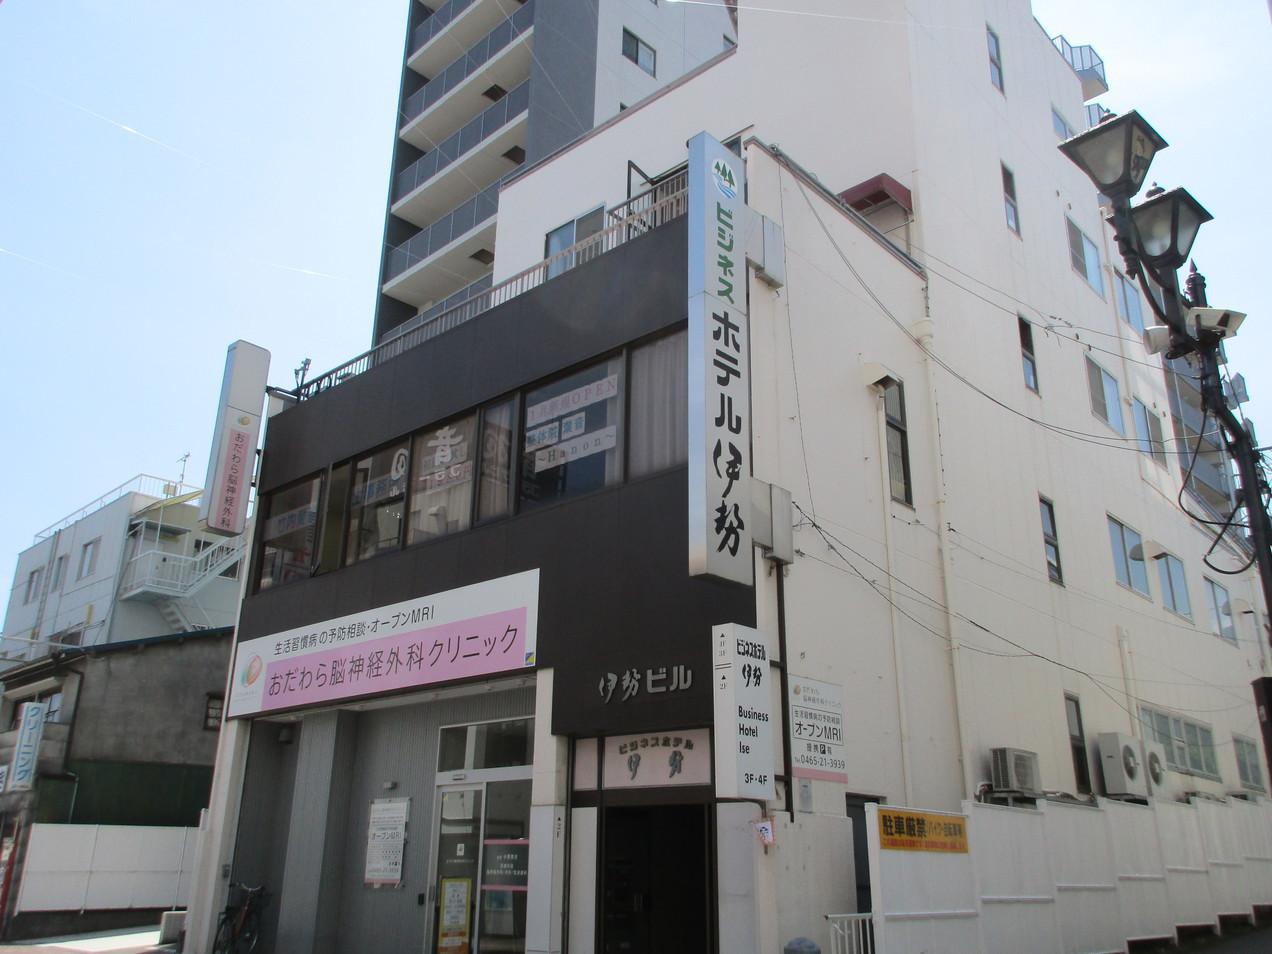 5.ビジネスホテル 伊勢